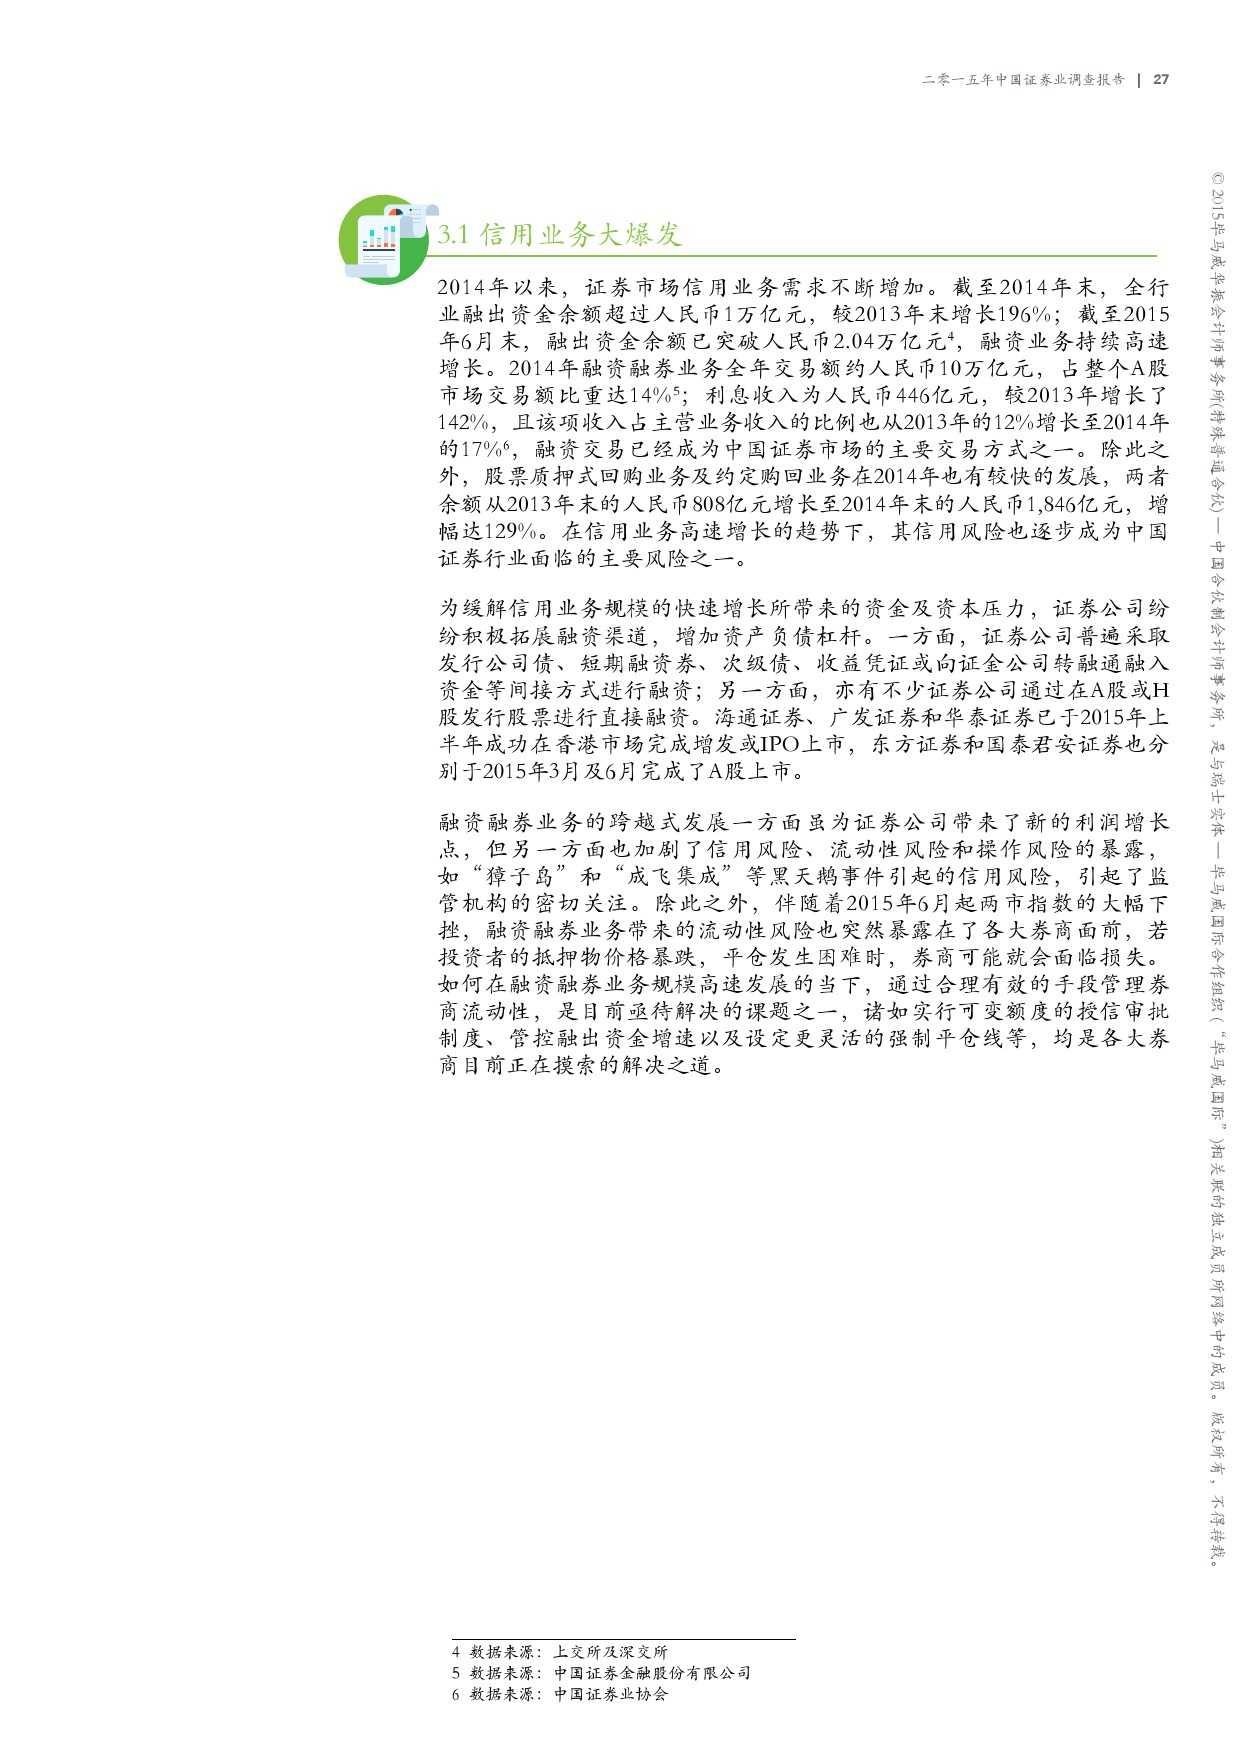 毕马威:2015年中国证券业调查报告_000029